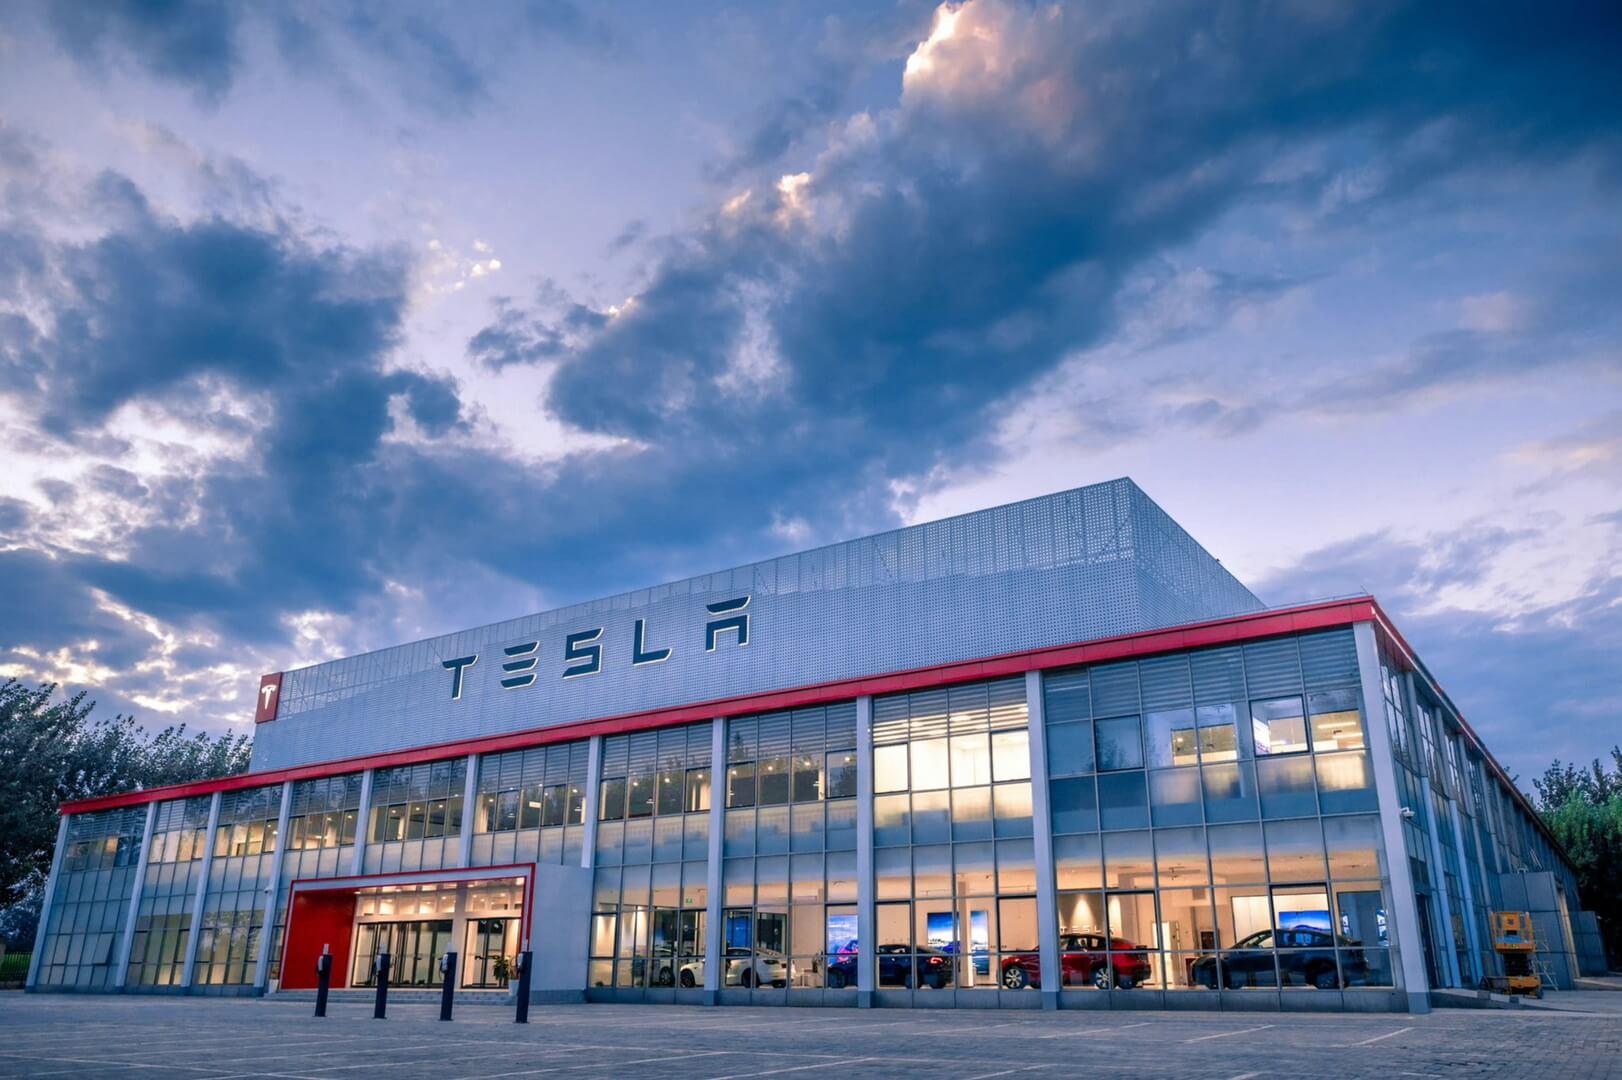 Tesla построила крупнейший центр доставки в Китае и, возможно, в мире, поскольку ожидает больших успехов на важном рынке